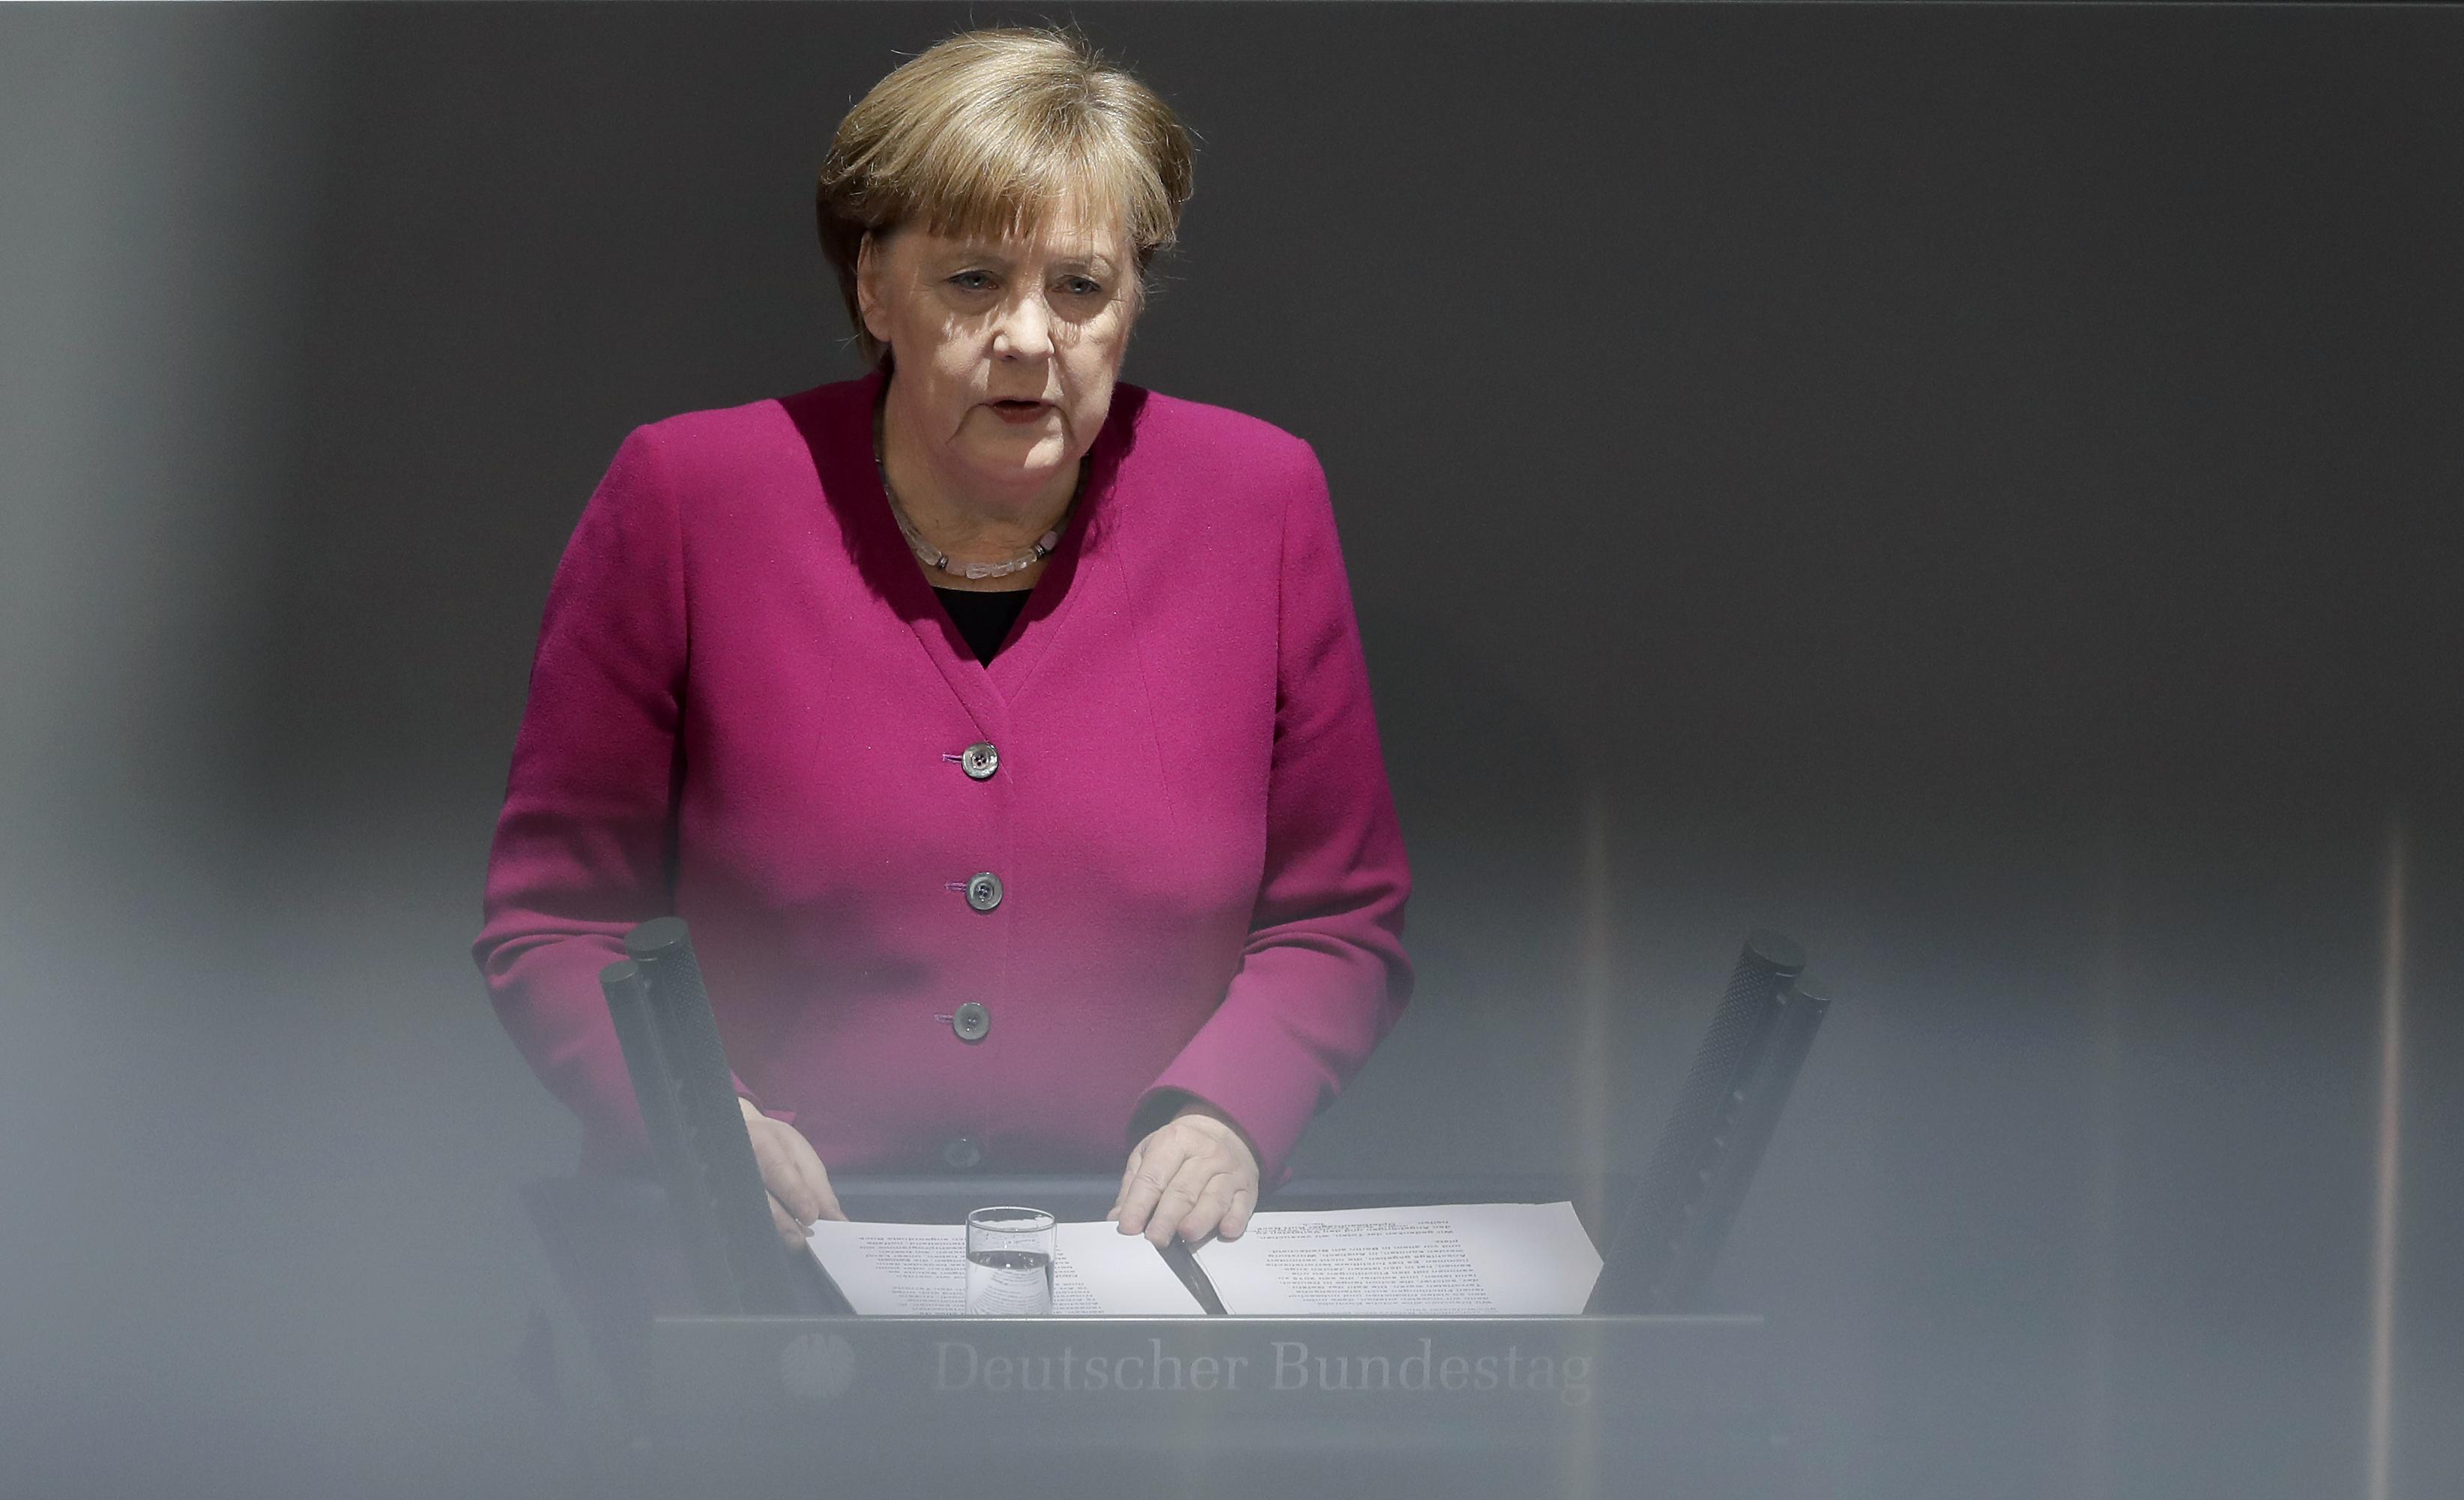 Меркел иска още изравняване на Източна и Западна Германия